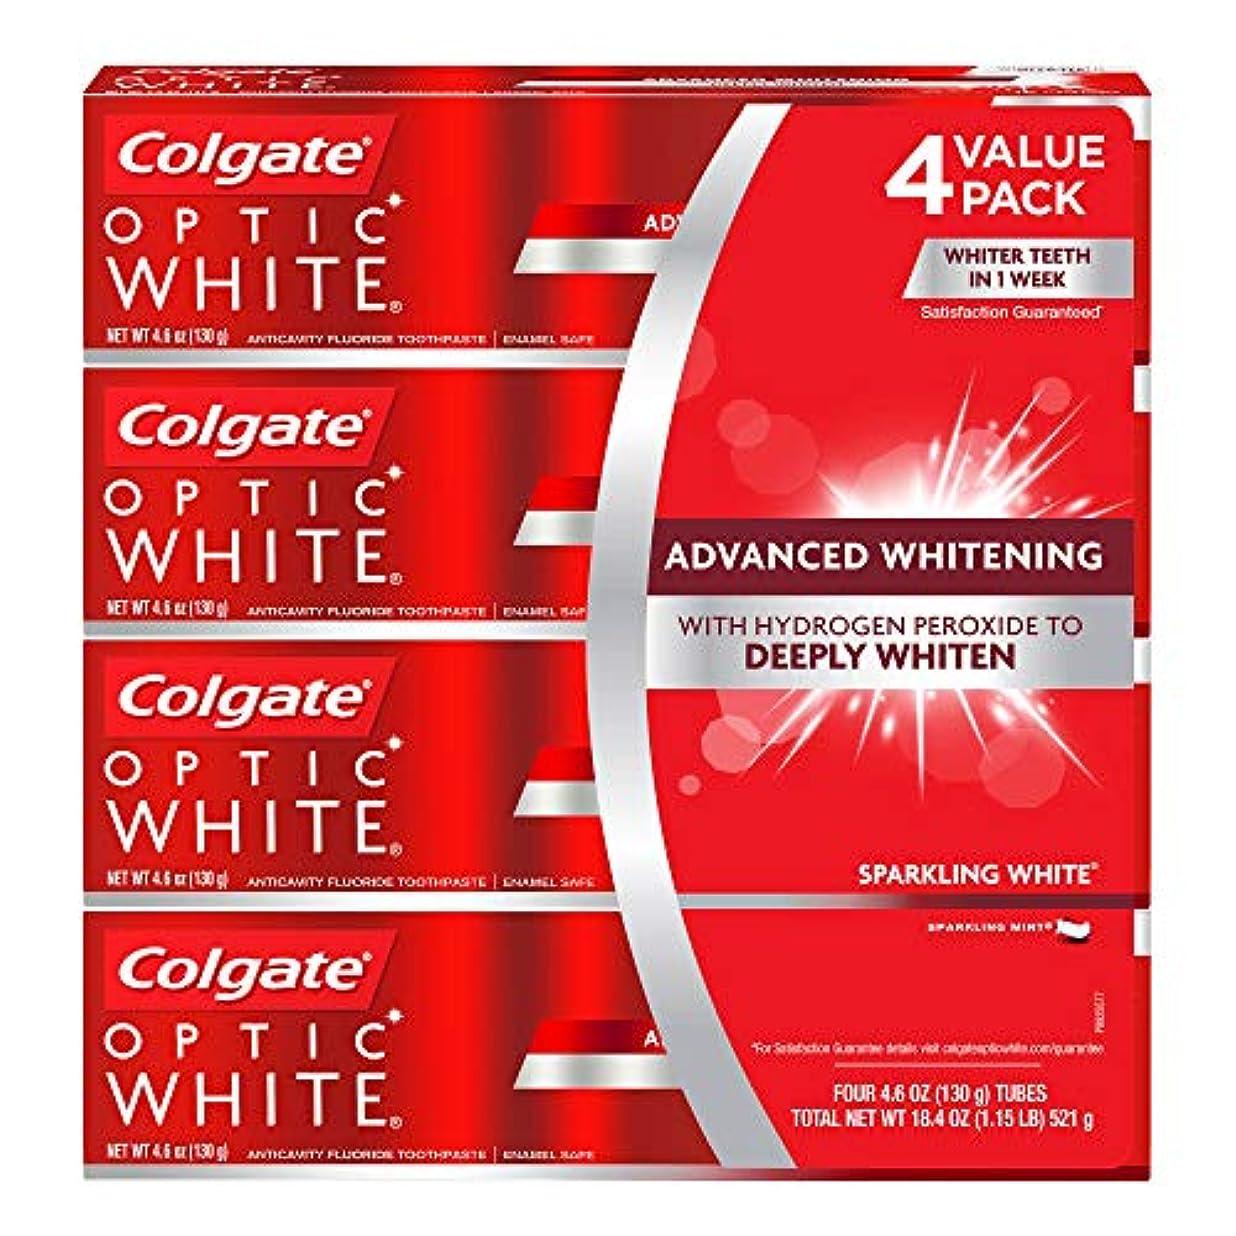 ボンド遠征偽善海外直送品 コルゲートオプティックホワイトスパークリングホワイト 歯磨き粉 Colgate Optic White Sparkling White Toothpaste, Sparkling Mint (4.6 oz, 5 pk.) 130gx5本